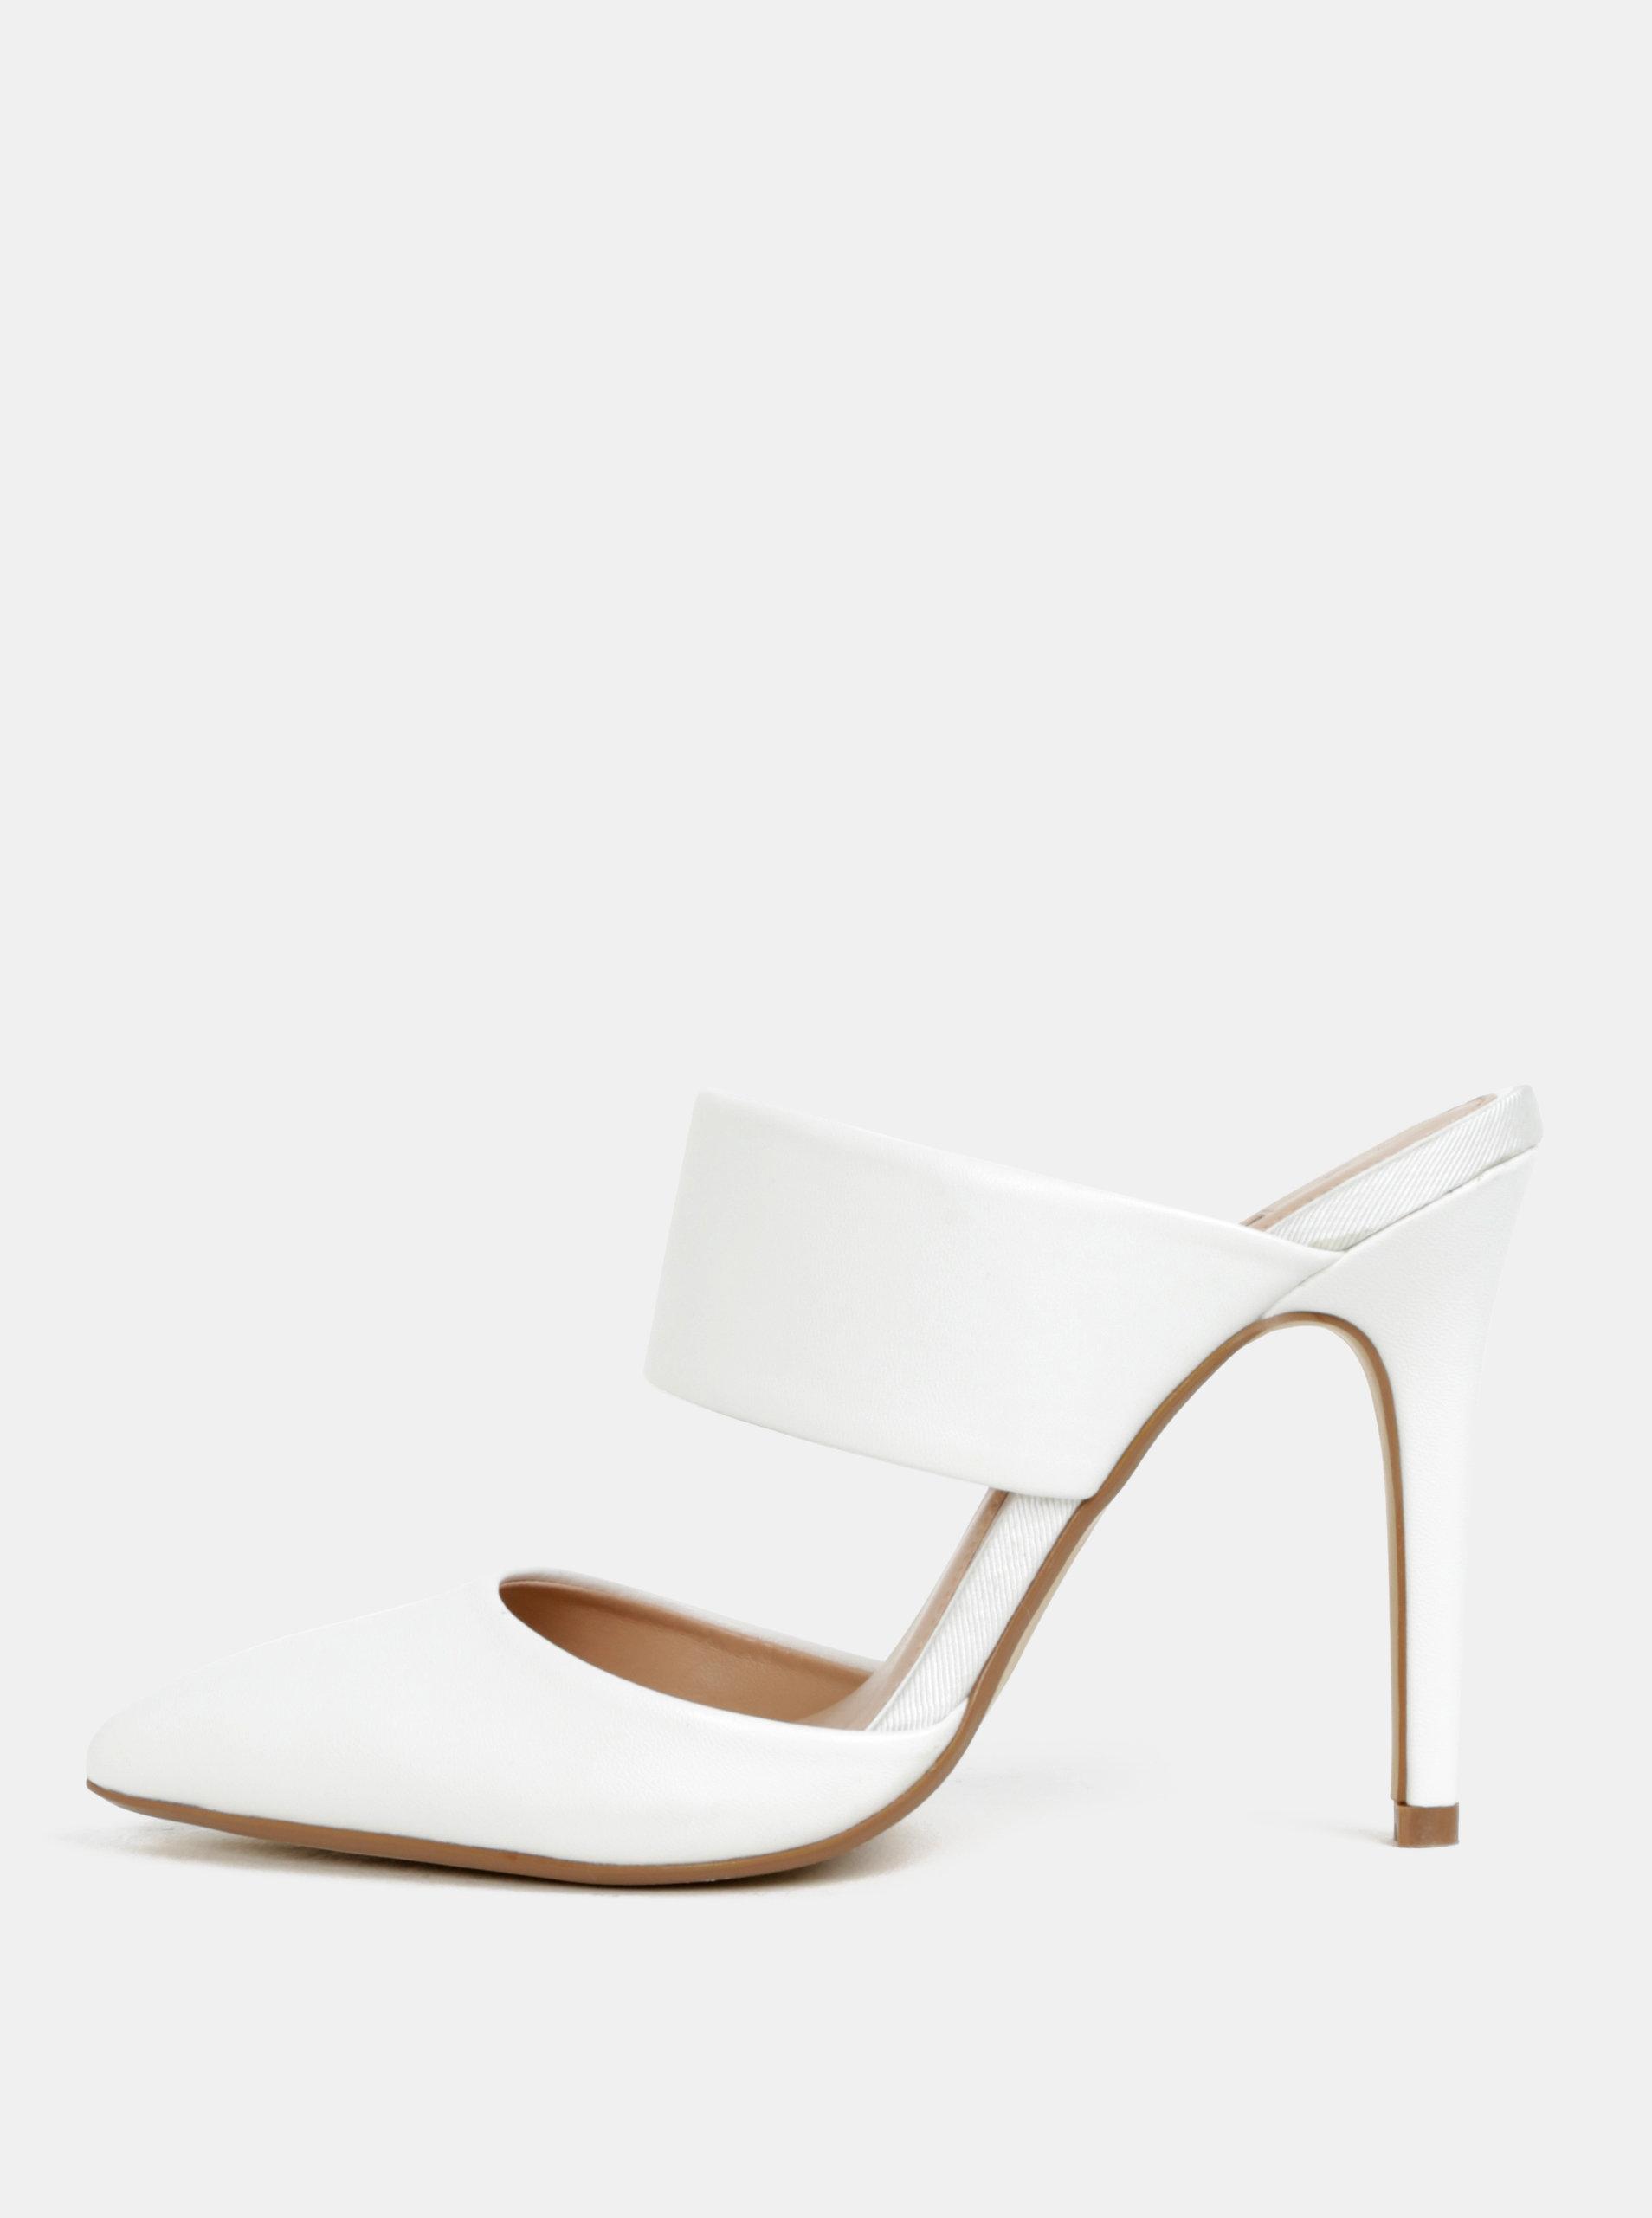 7d3a7bf0df50c Bílé sandálky na vysokém podpatku Dorothy Perkins | ZOOT.cz